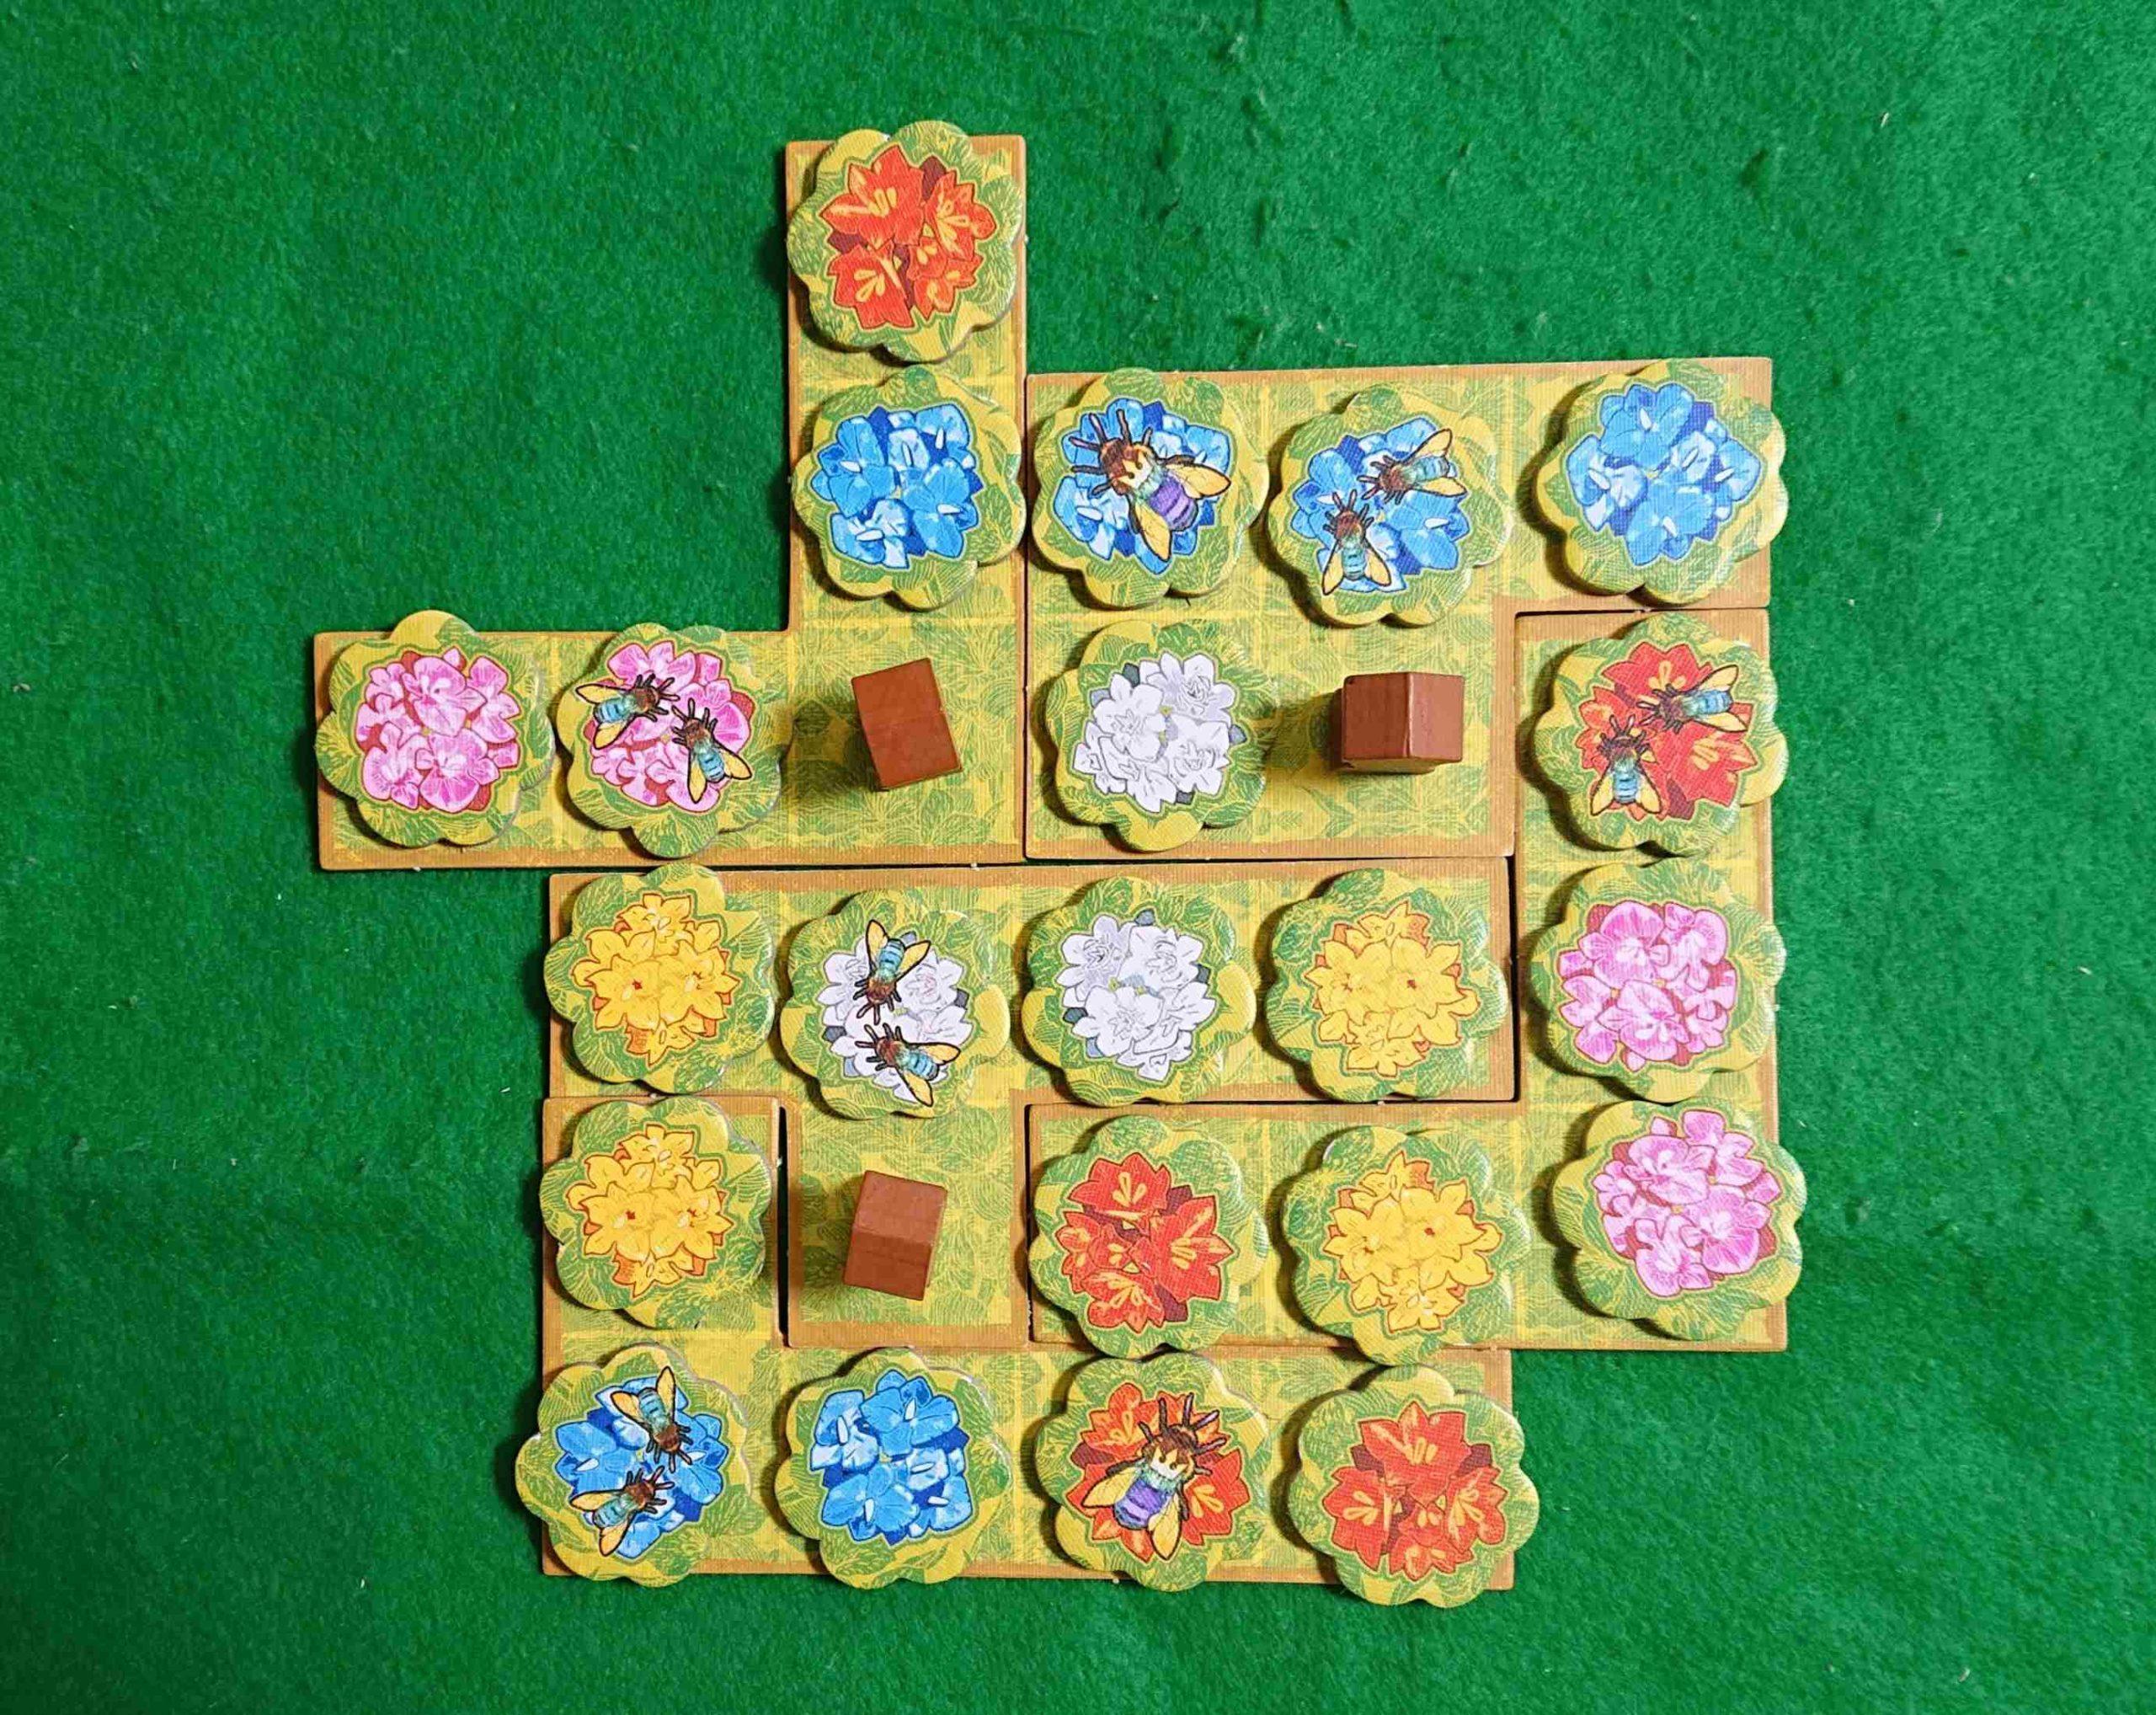 クィーンズ ルール&レビュー ランの花の獲得と配置のジレンマが悩ましい! タイル配置 パズル系 ボードゲーム